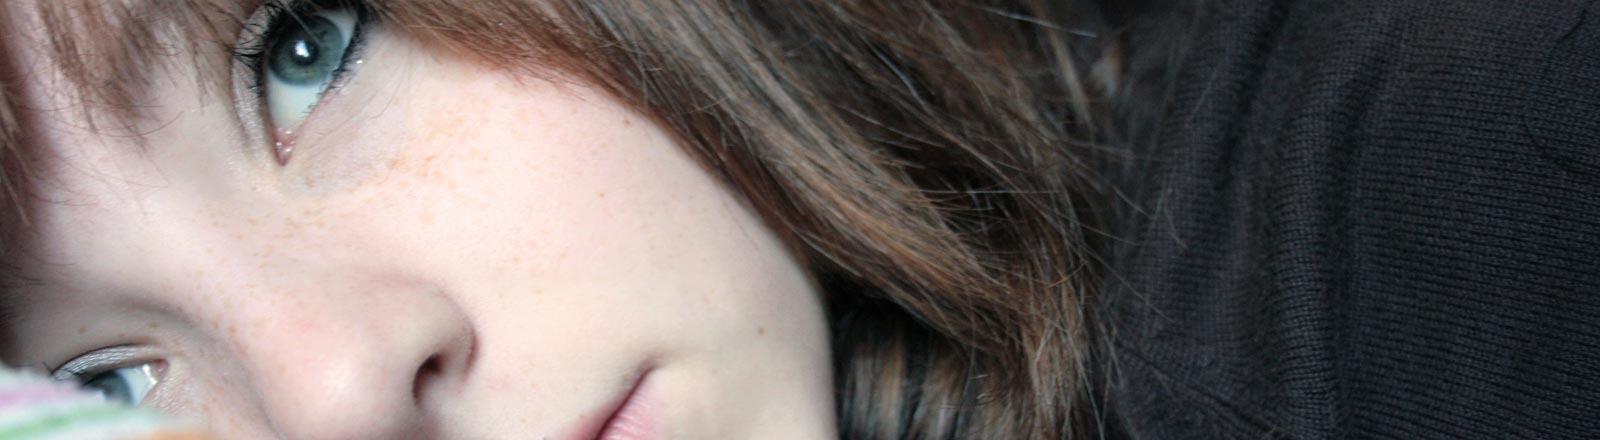 Eine junge Frau liegt auf dem Bett und schaut melancholisch in die Ferne.